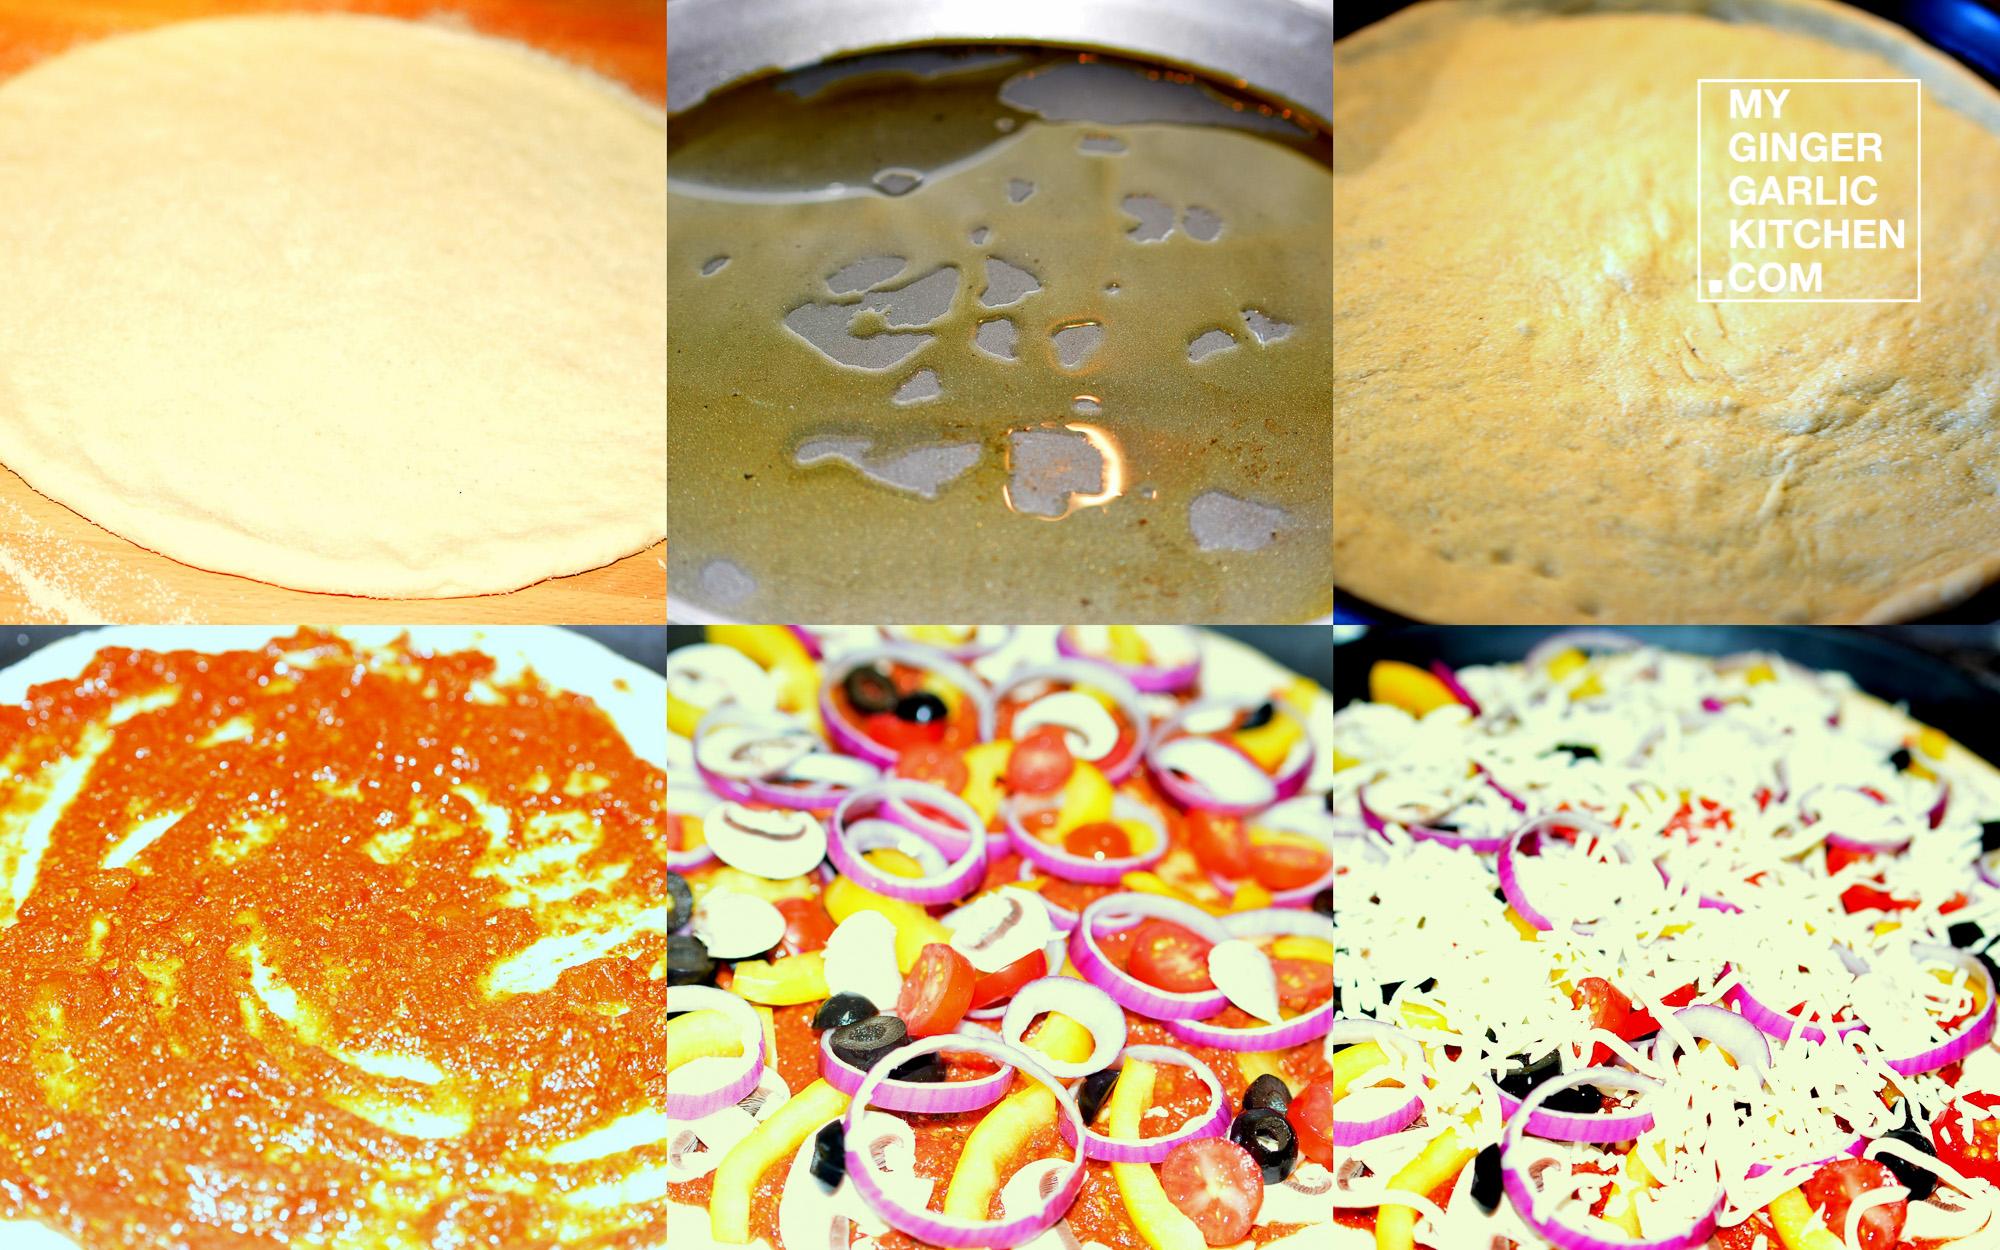 Image - recipe vegetable pan pizza anupama paliwal my ginger garlic kitchen 8